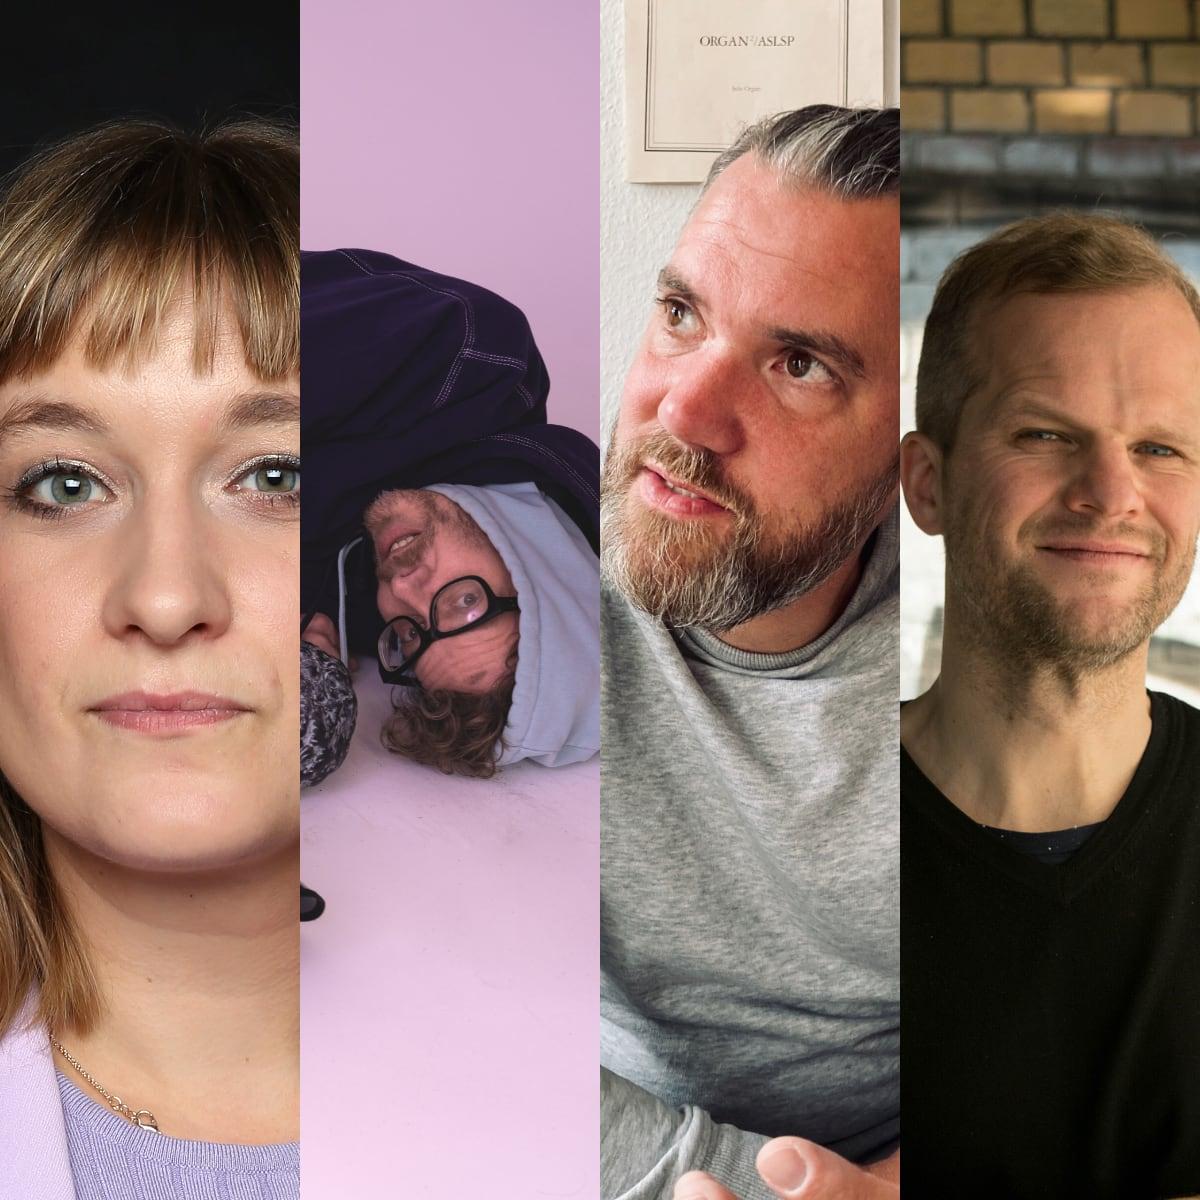 Elisabeth Steffen, Florian Meyer, Hajo Toppius, Matthias Einhoff